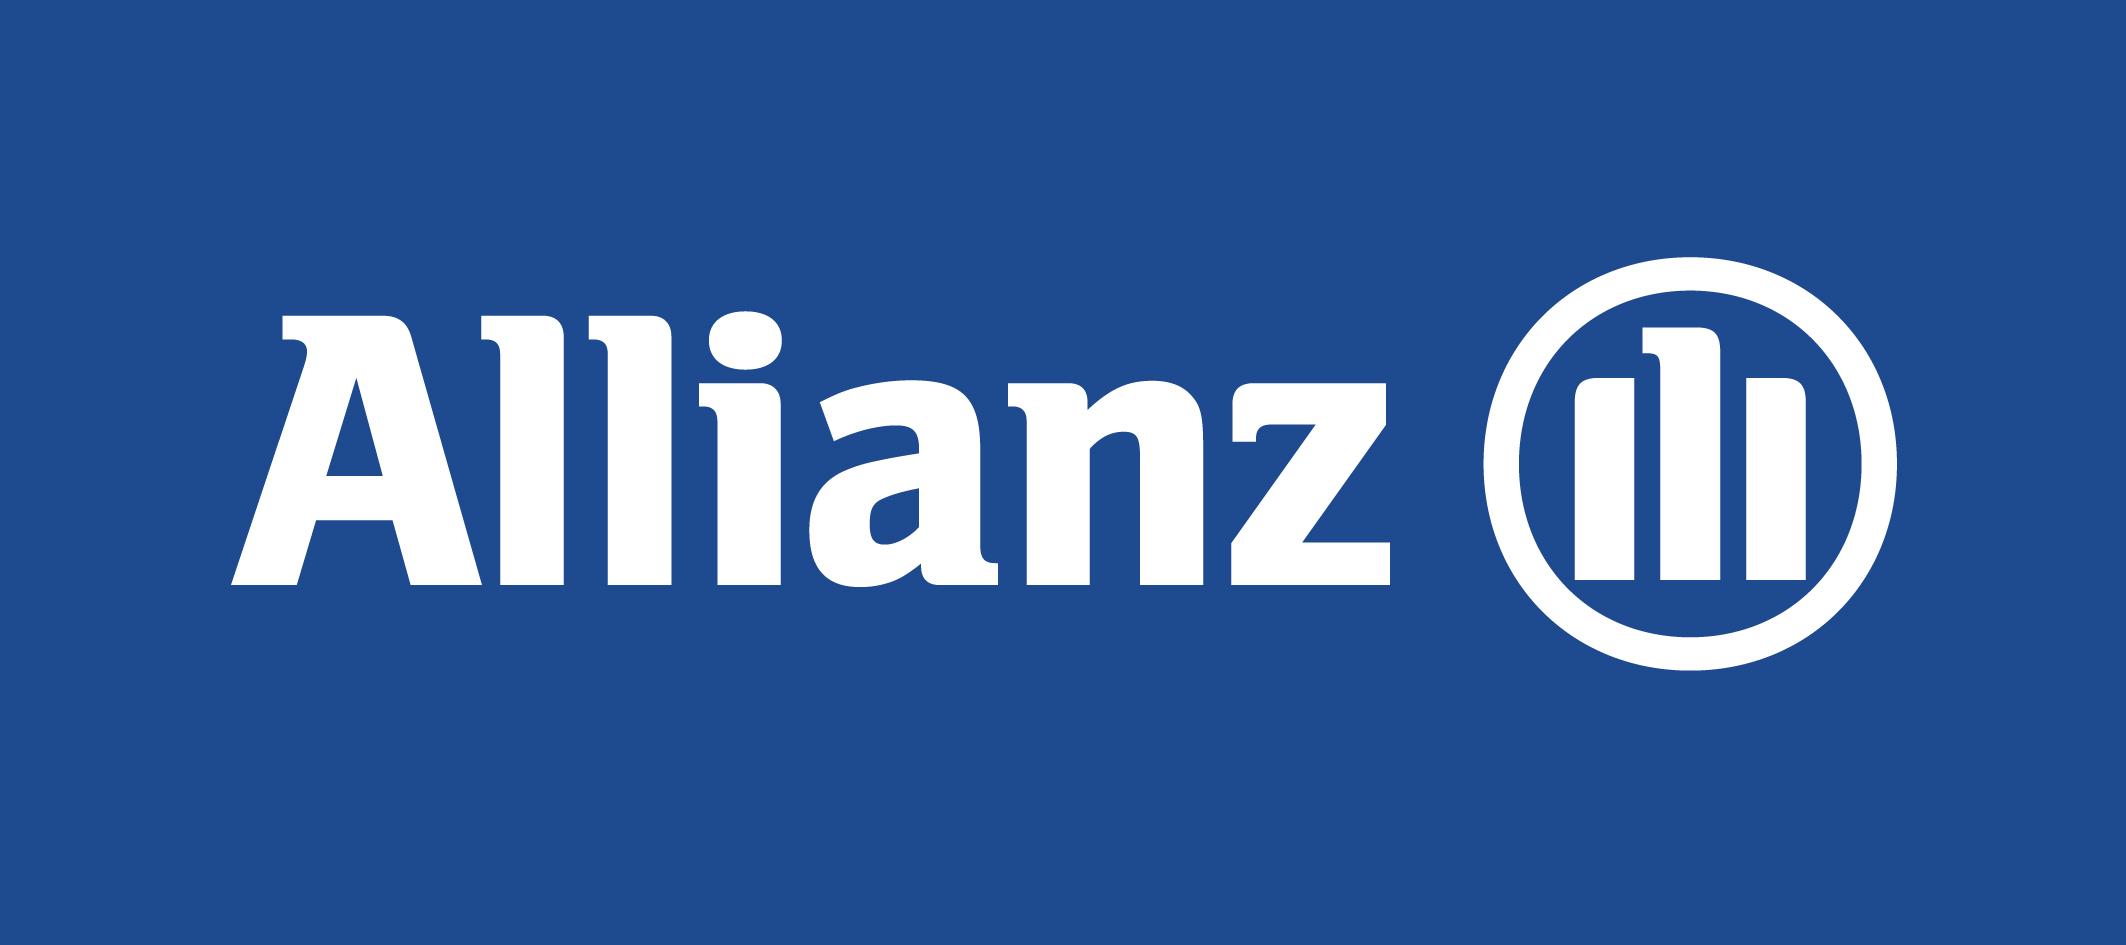 allianz logo 5 - Allianz Logo